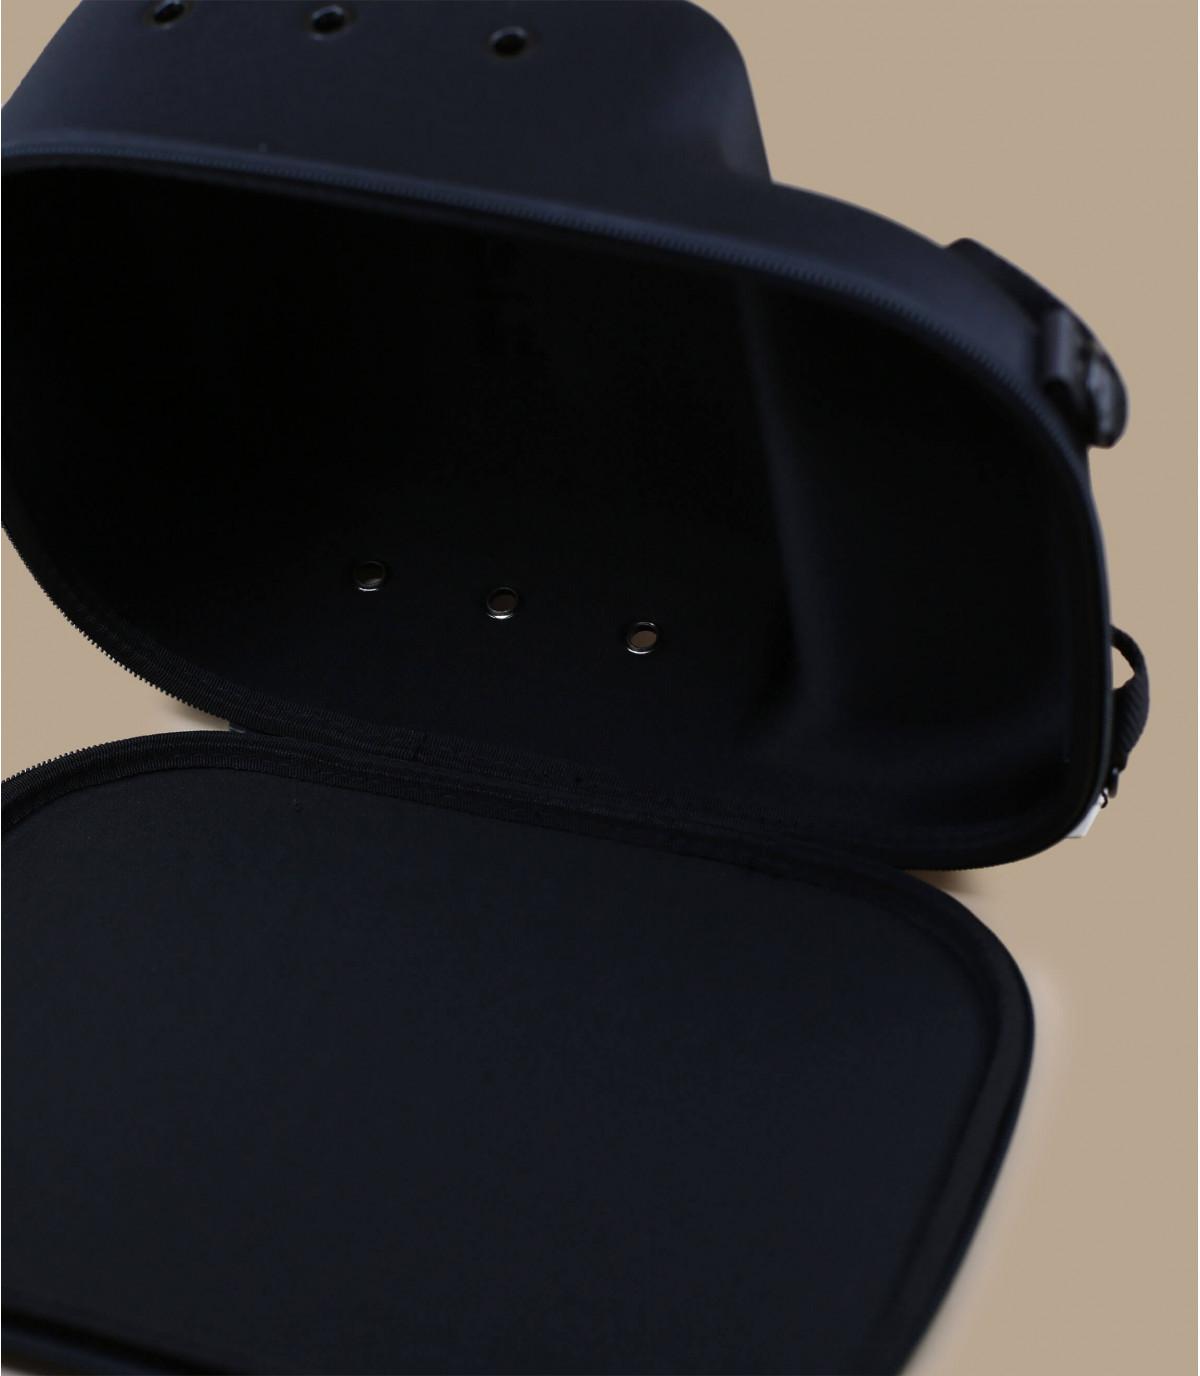 Détails Boite à casquettes x6 - image 2